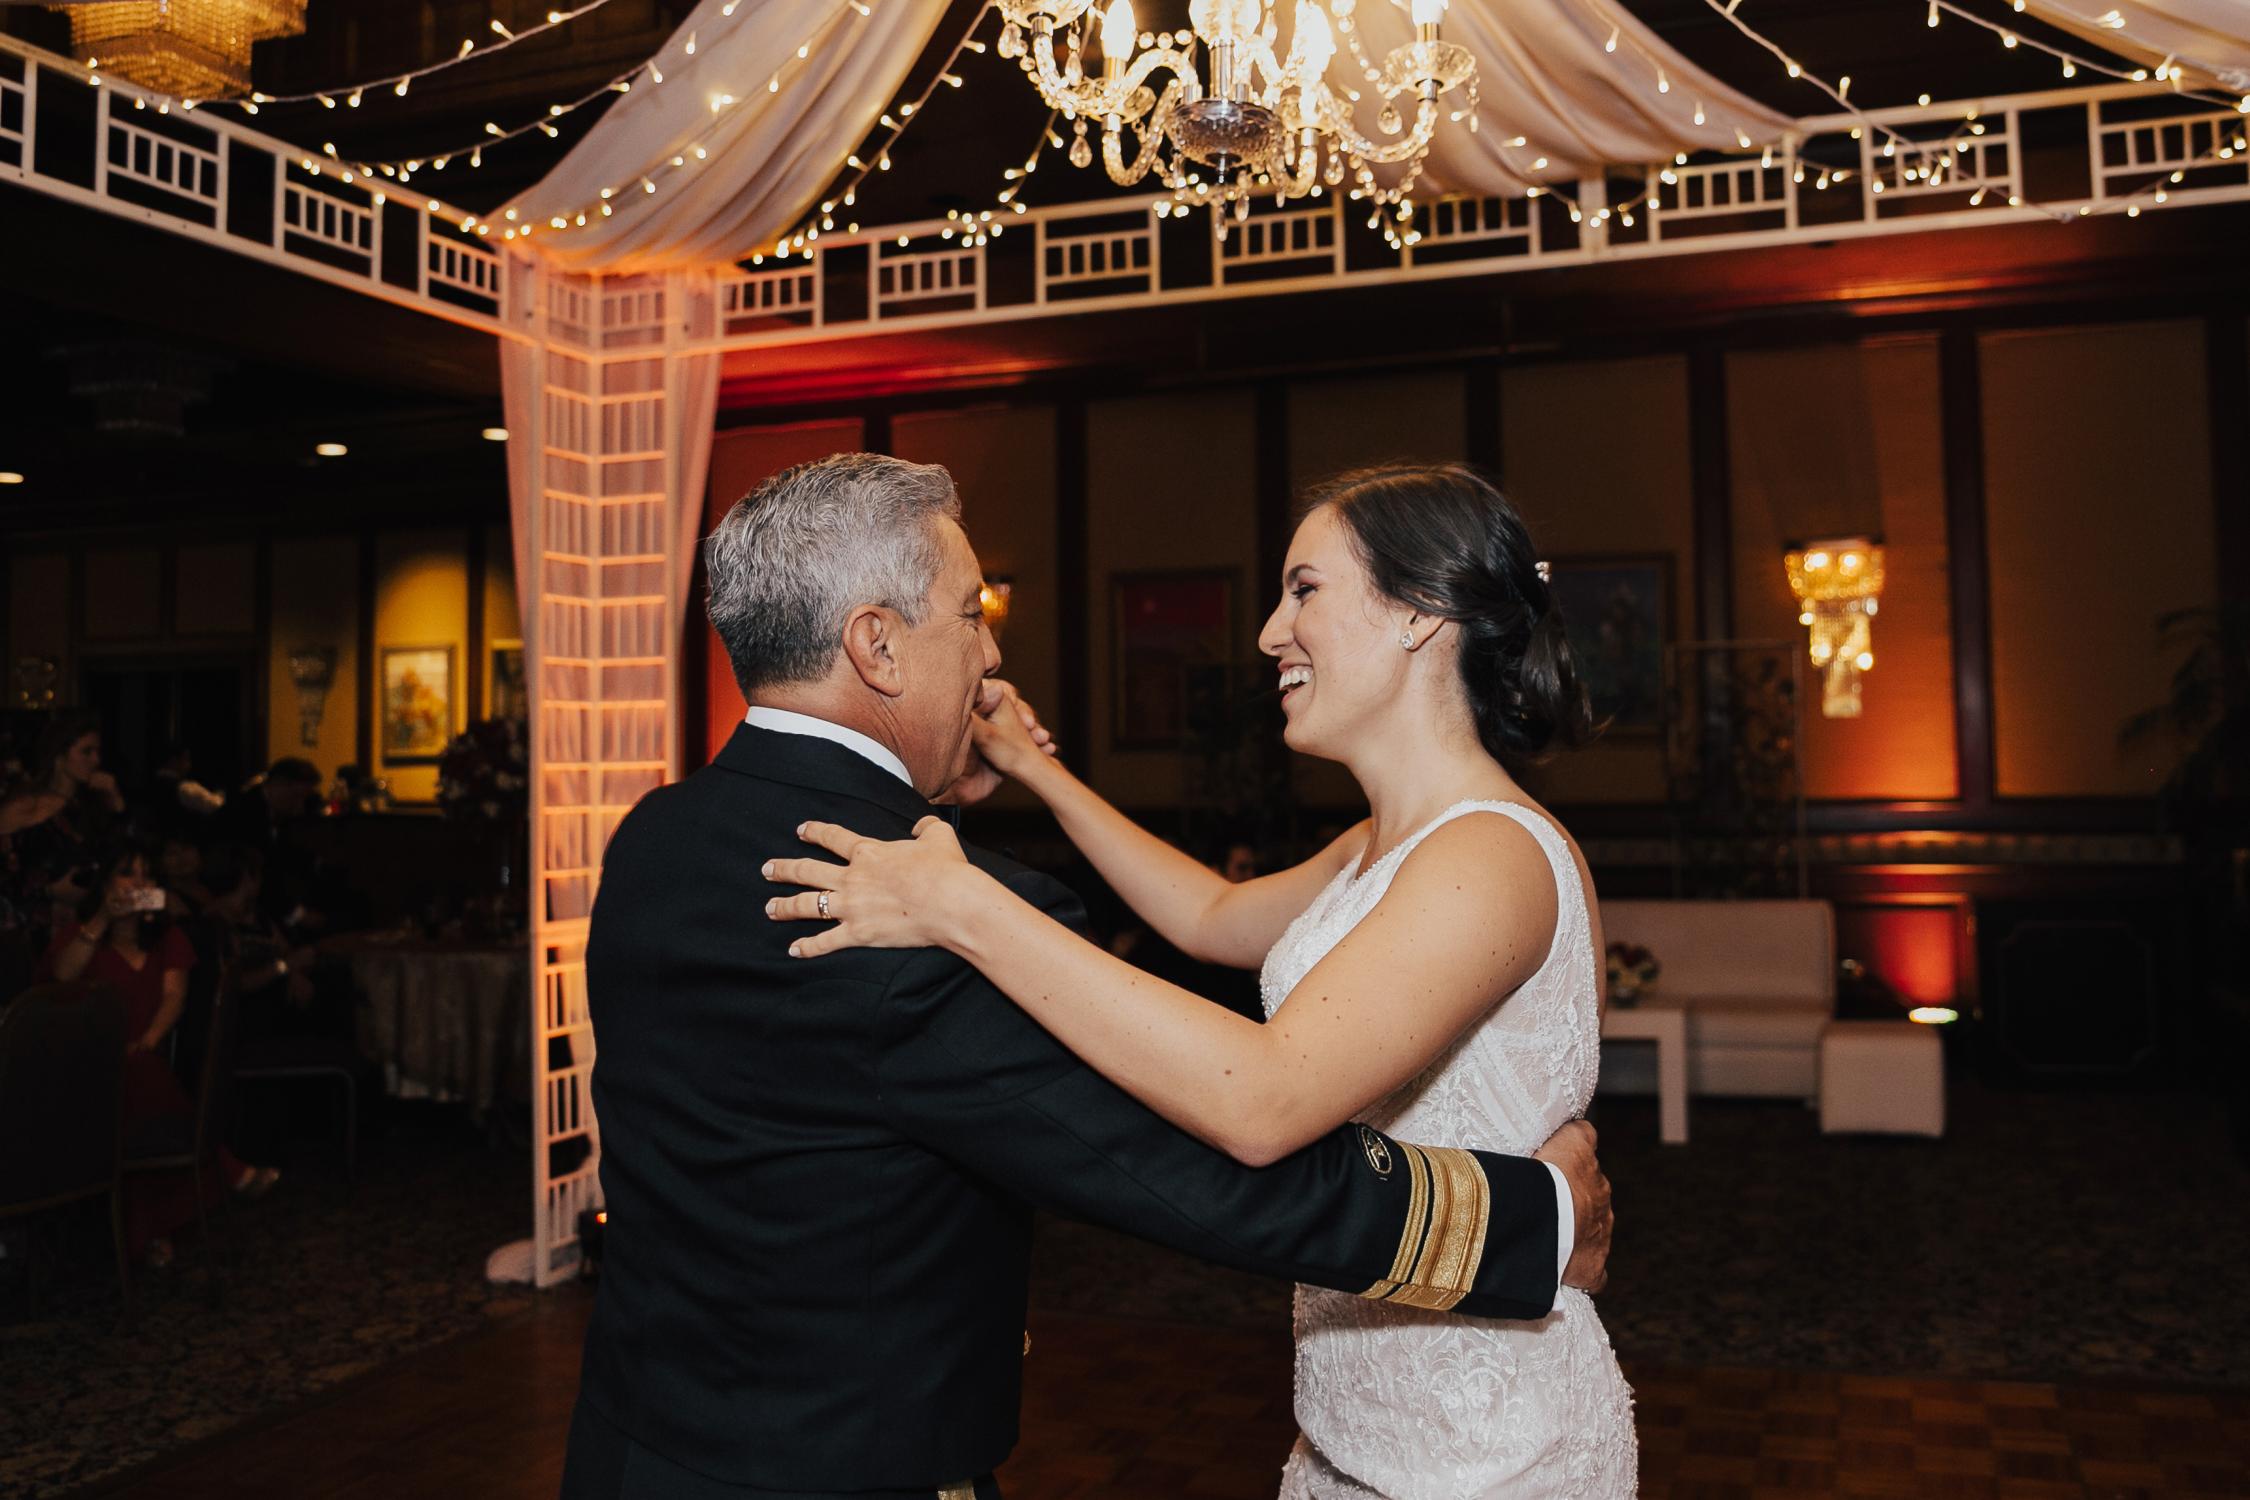 Michelle-Agurto-Fotografia-Bodas-Ecuador-Destination-Wedding-Photographer-Ecuador-Mercedes-Alvaro-161.JPG